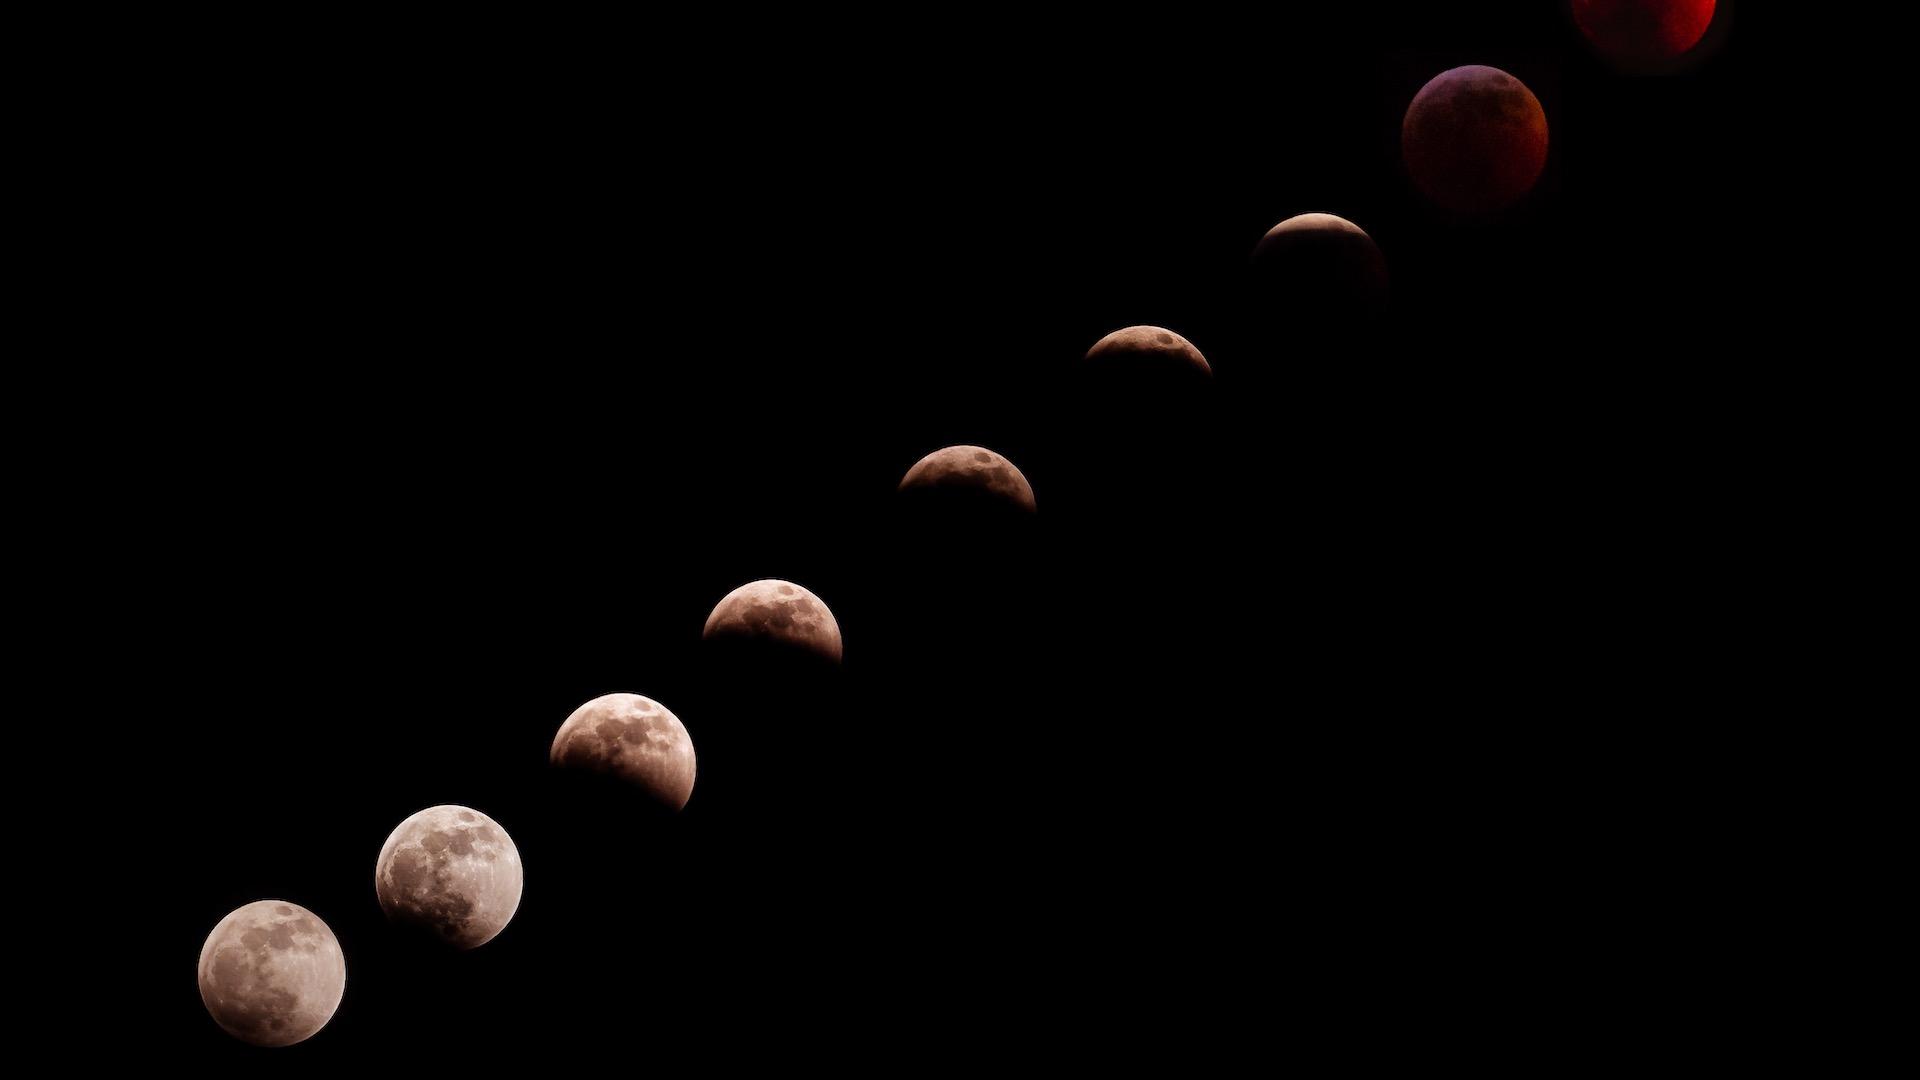 Cuándo son los próximos eclipses de Sol y Luna en 2022: fechas